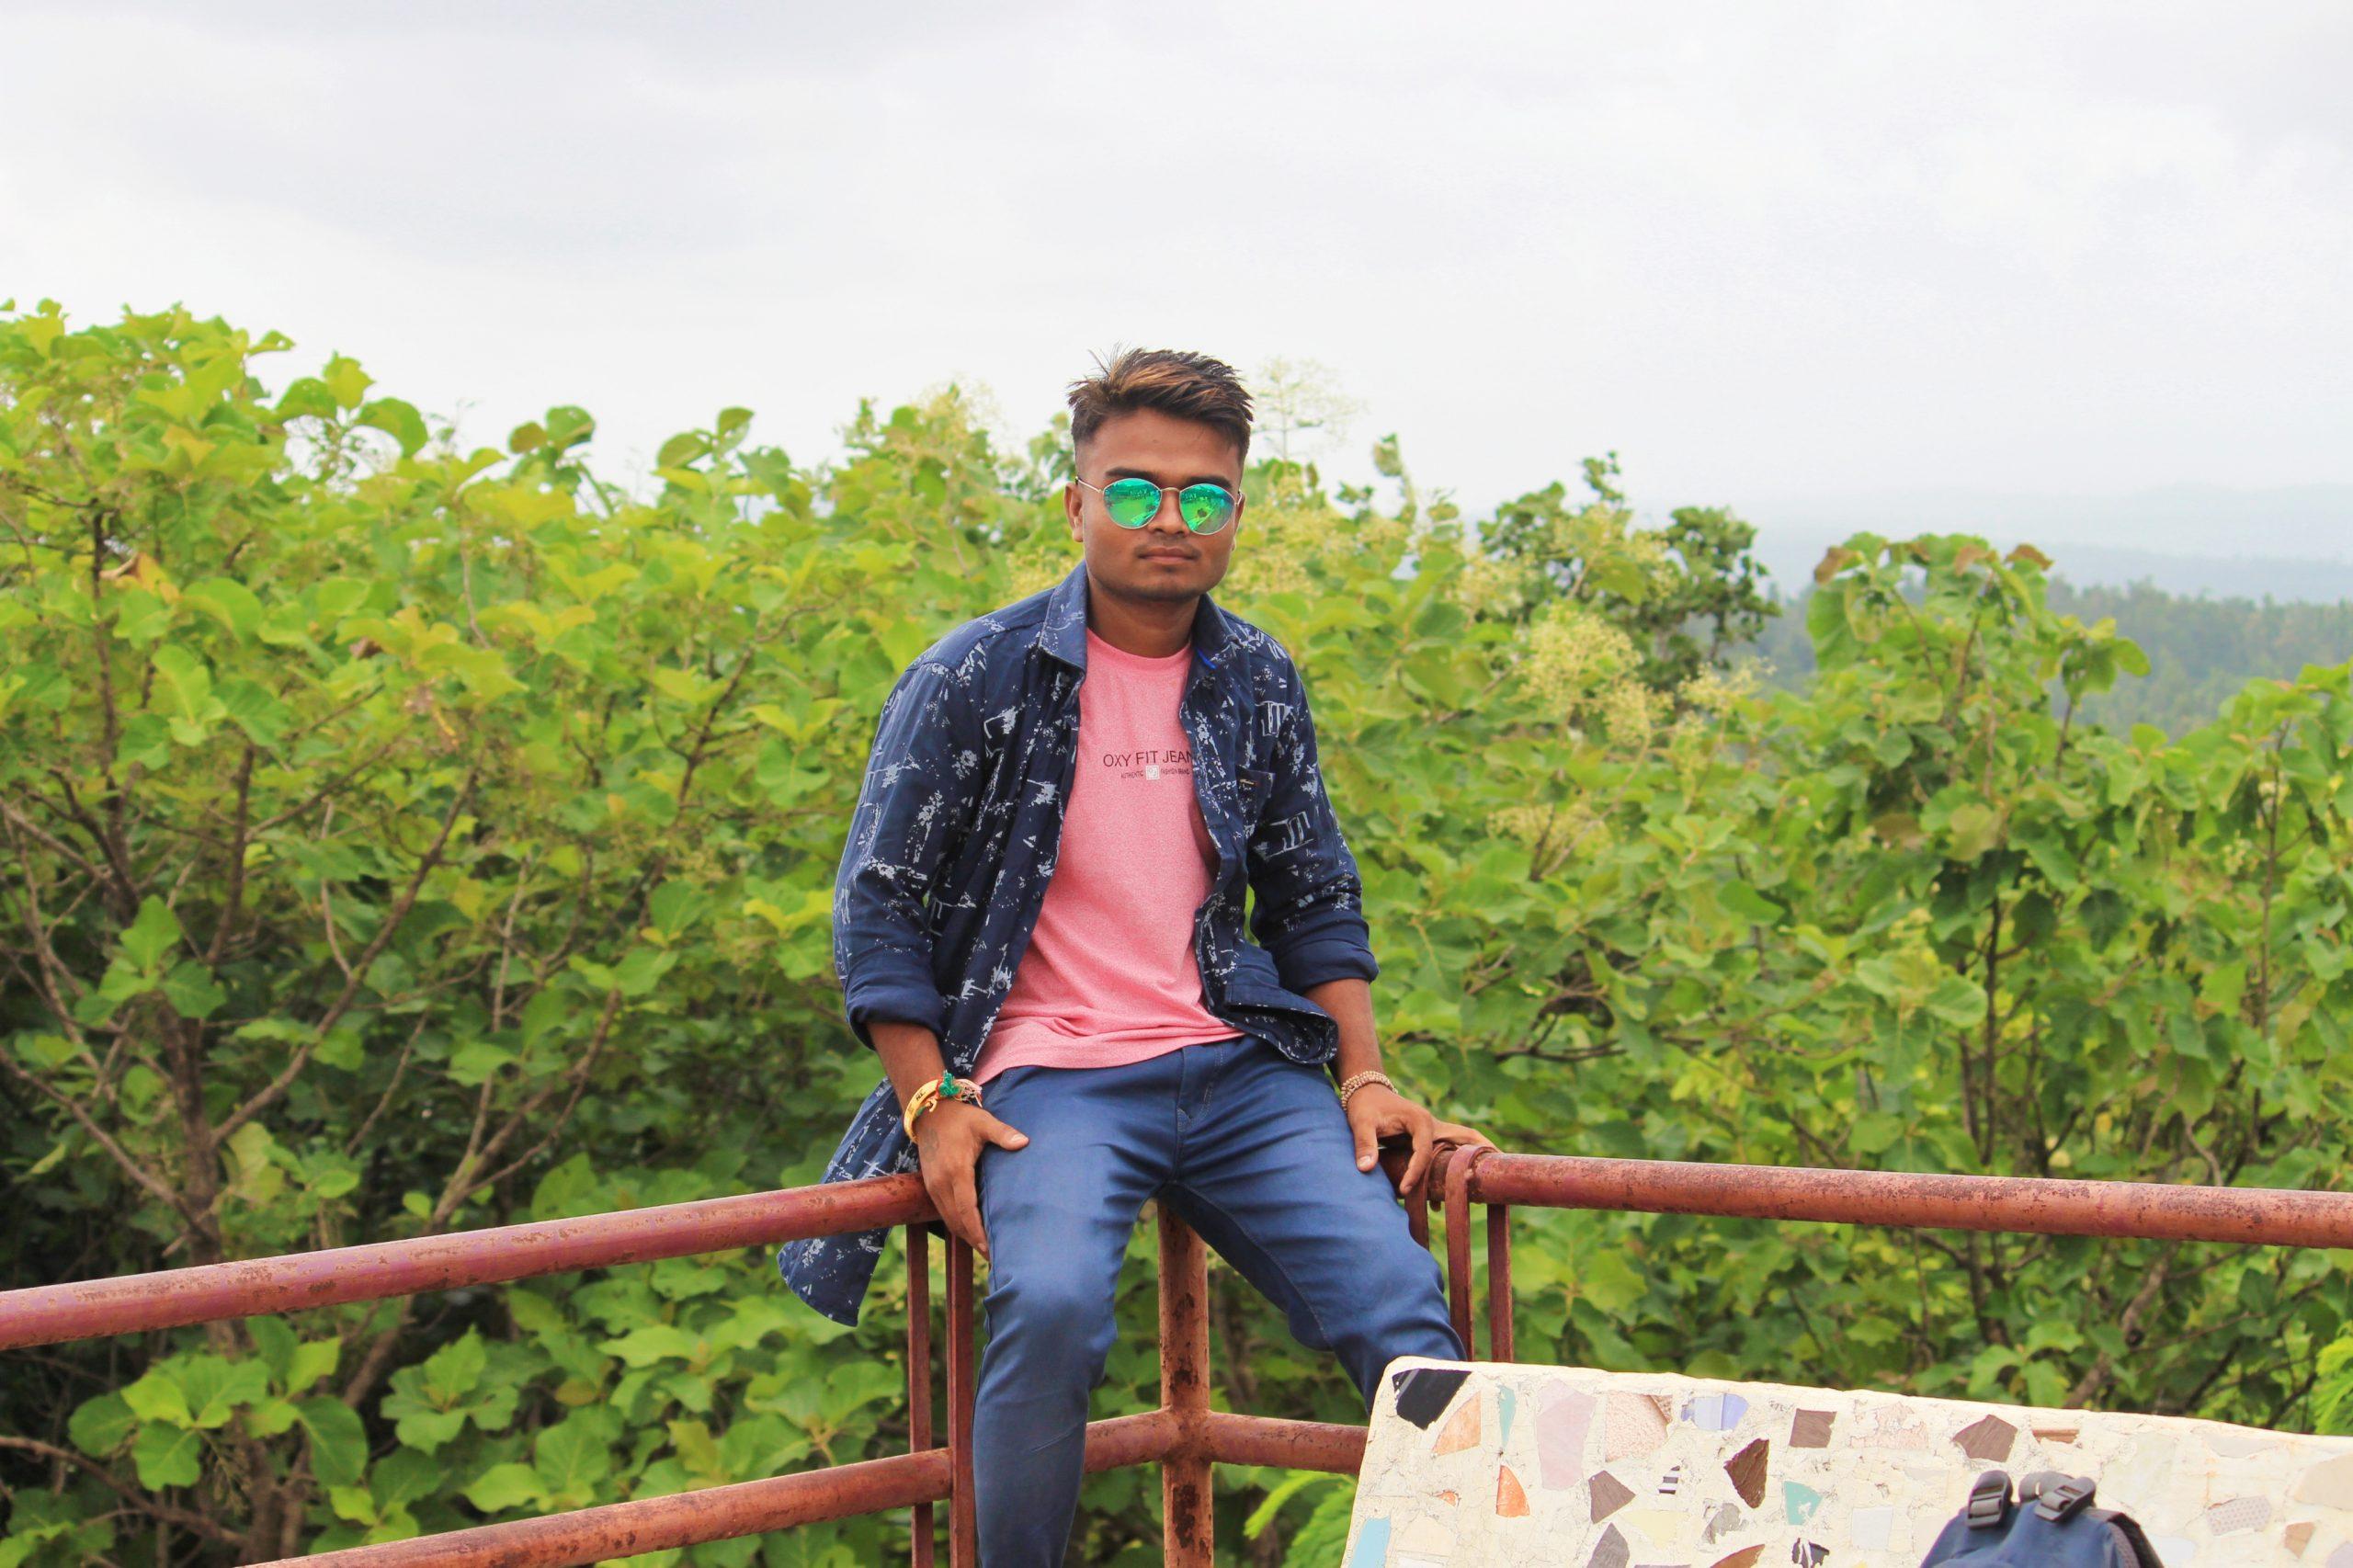 A boy sitting on railing